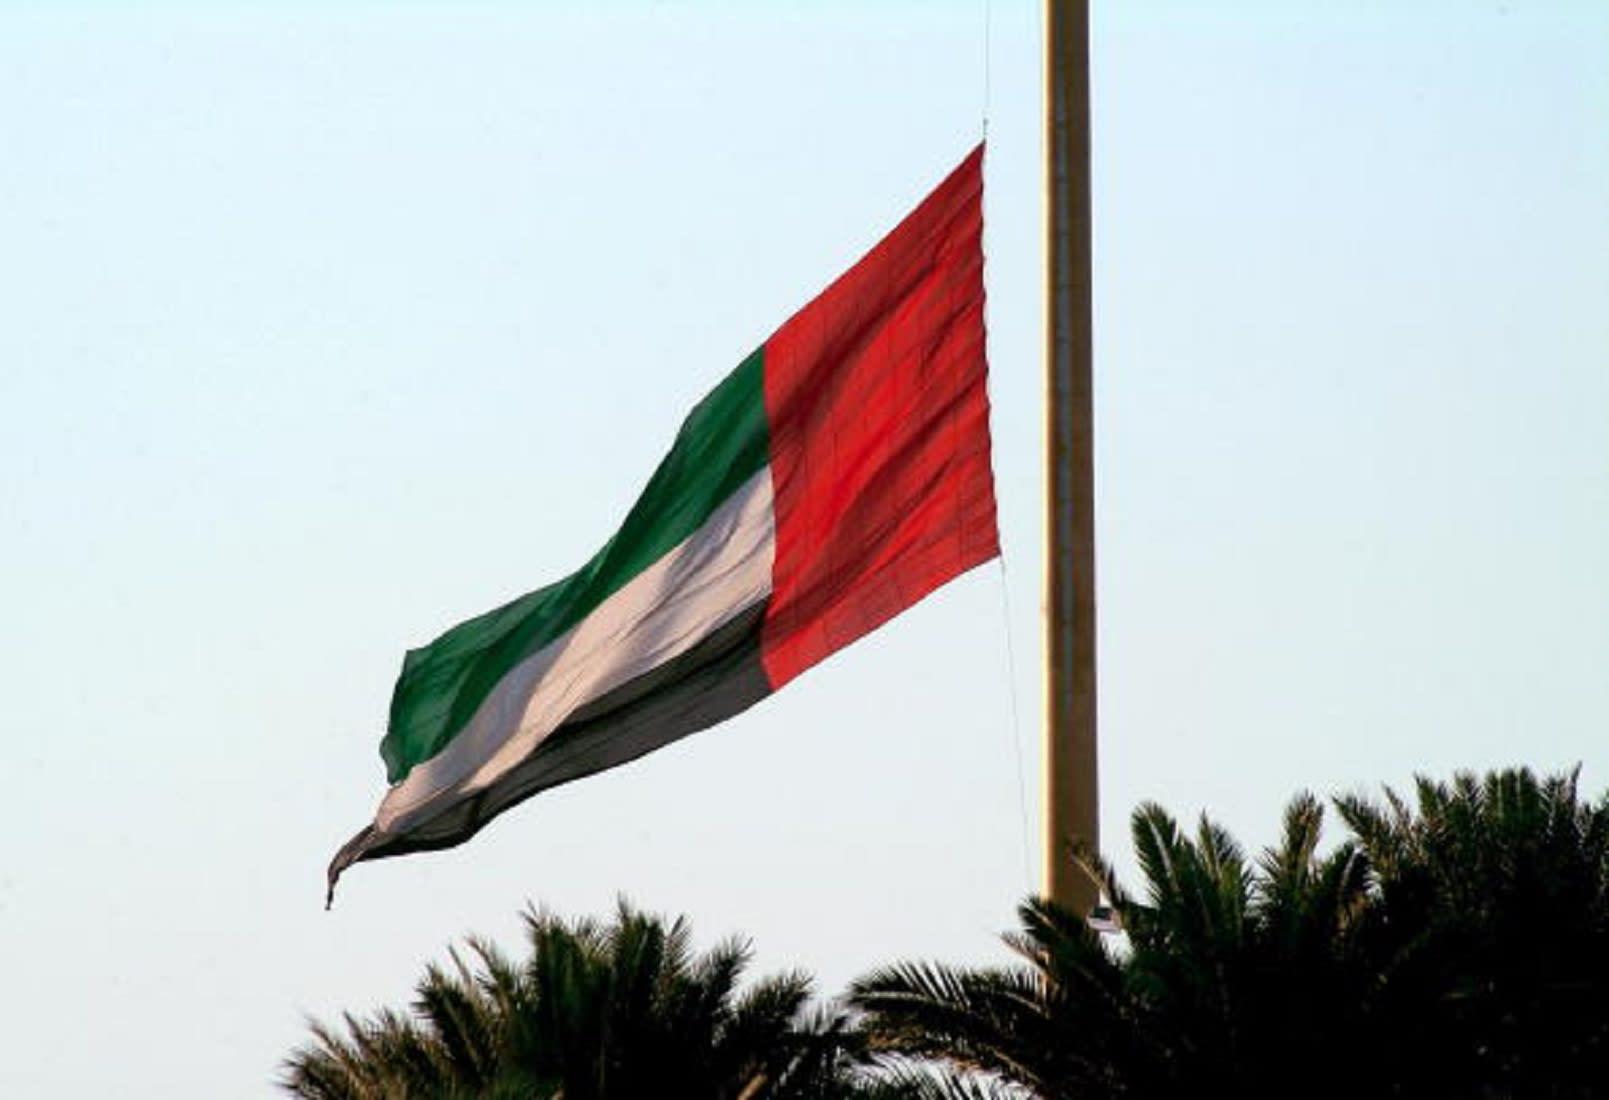 الإمارات: ماثيو هيدجز يخضع لمحاكمة عادلة ولم يطلب منه التوقيع على وثائق لم يفهمها